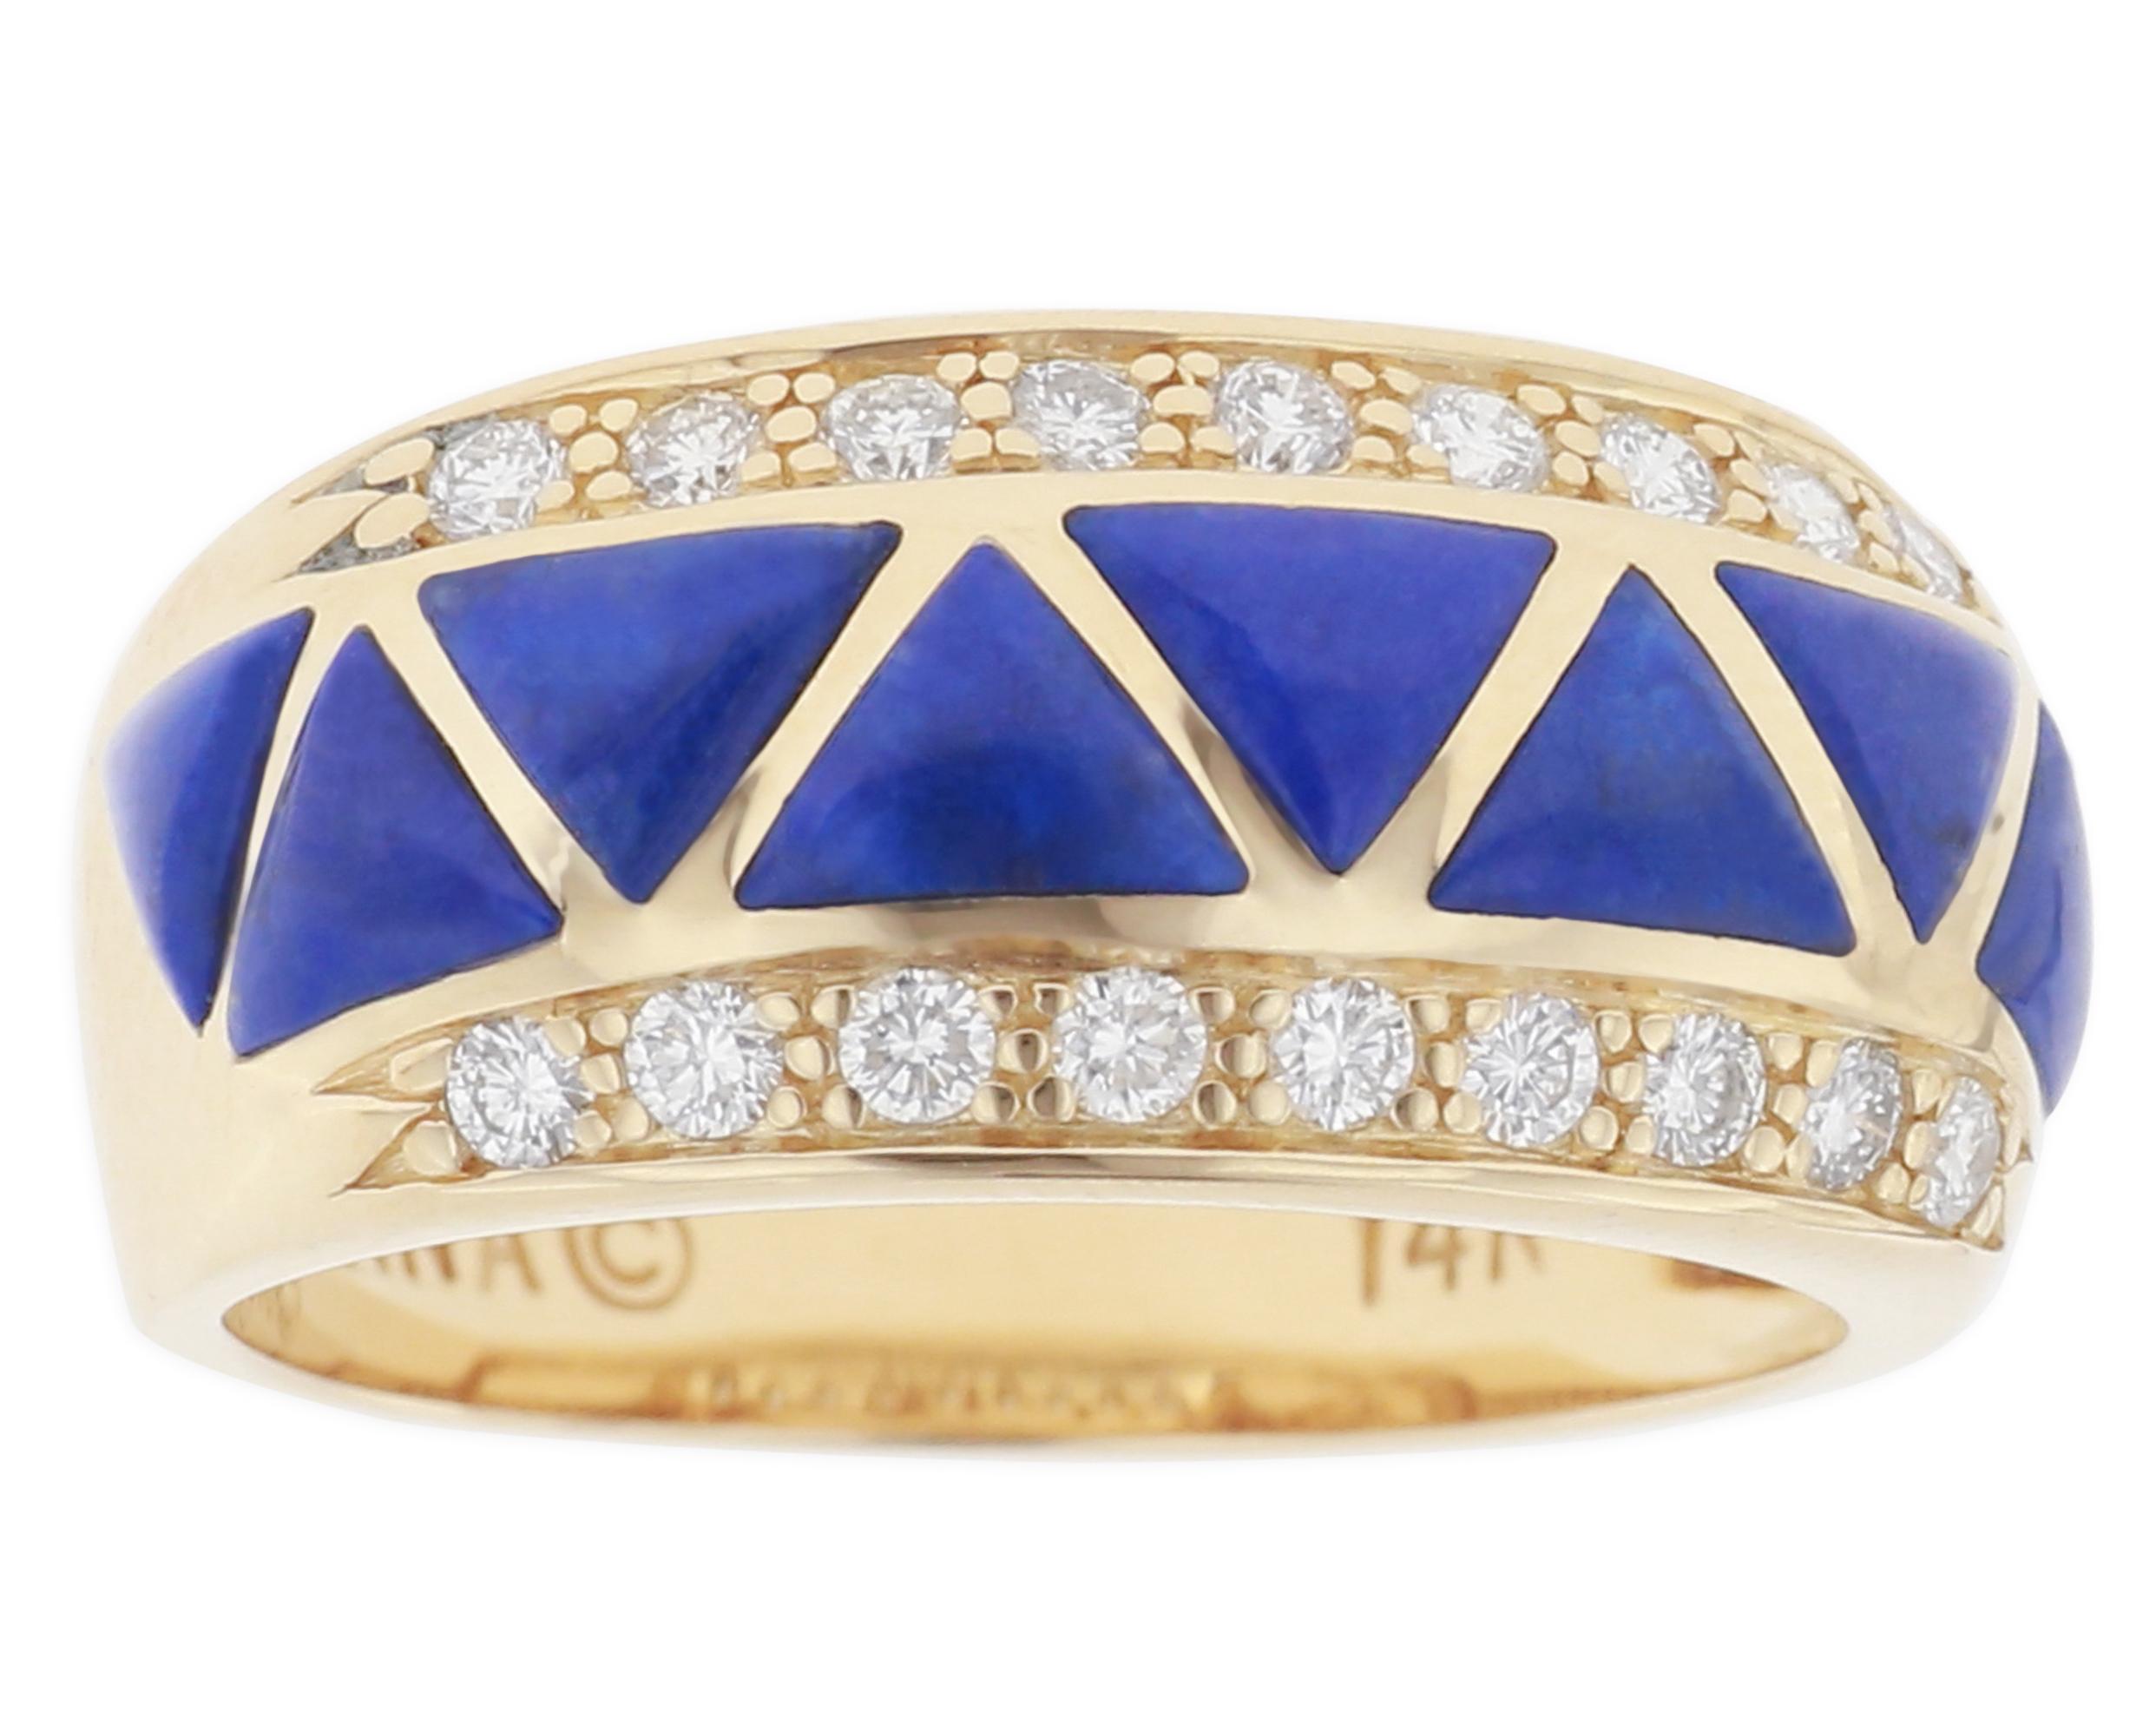 Kabana lapis lazuli inlay band